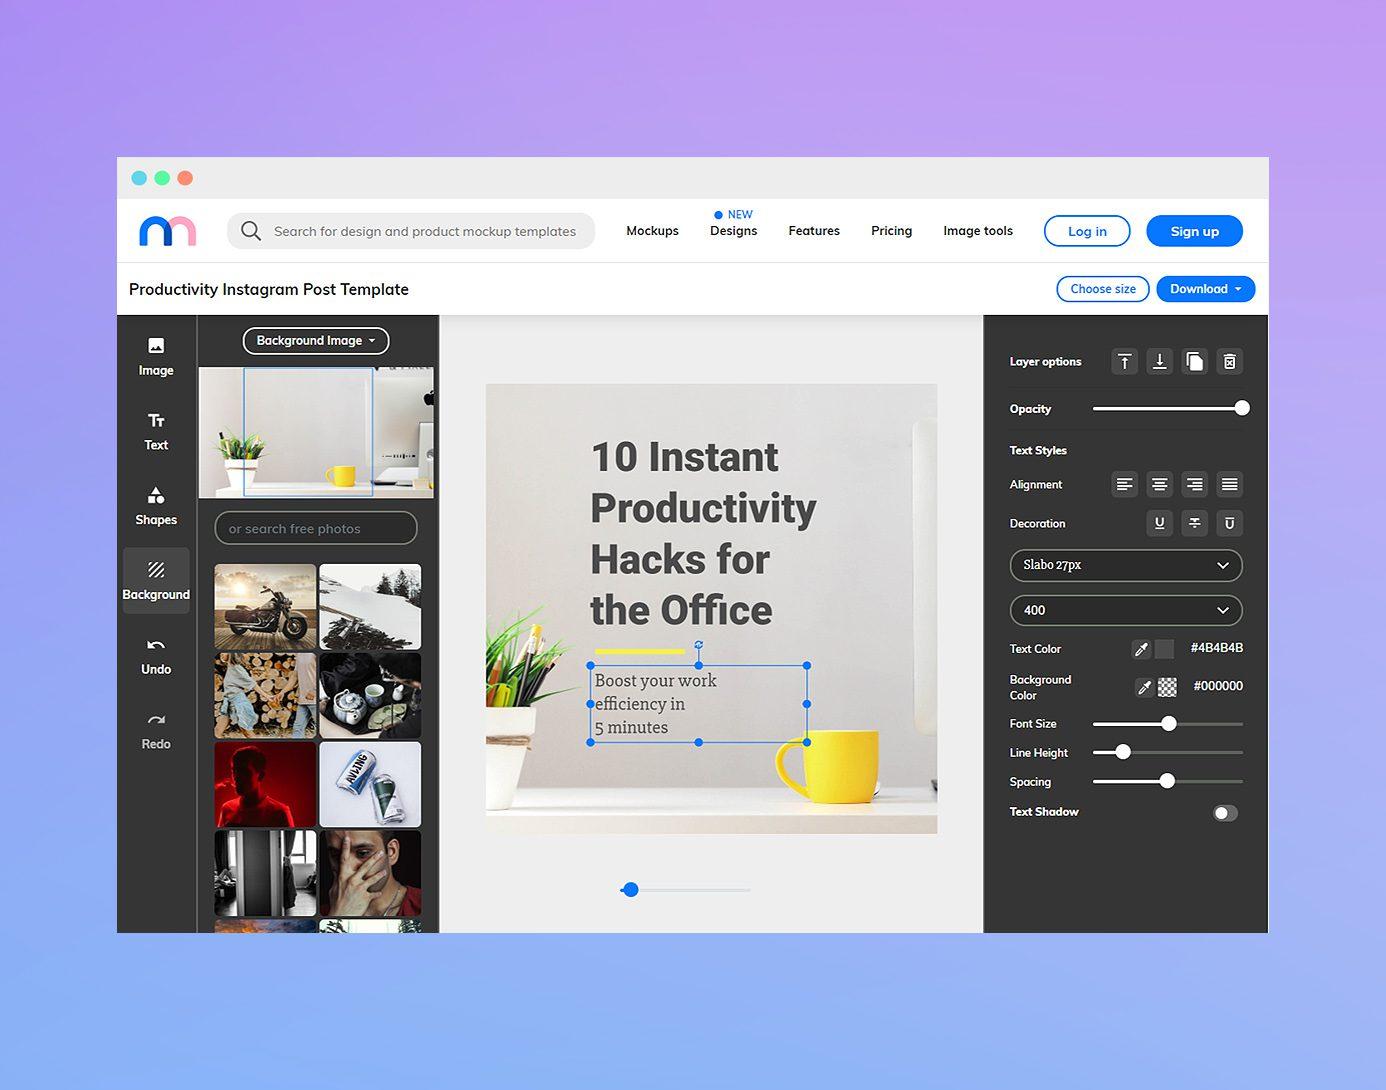 04-mediamodifier-design-templates-free-editor